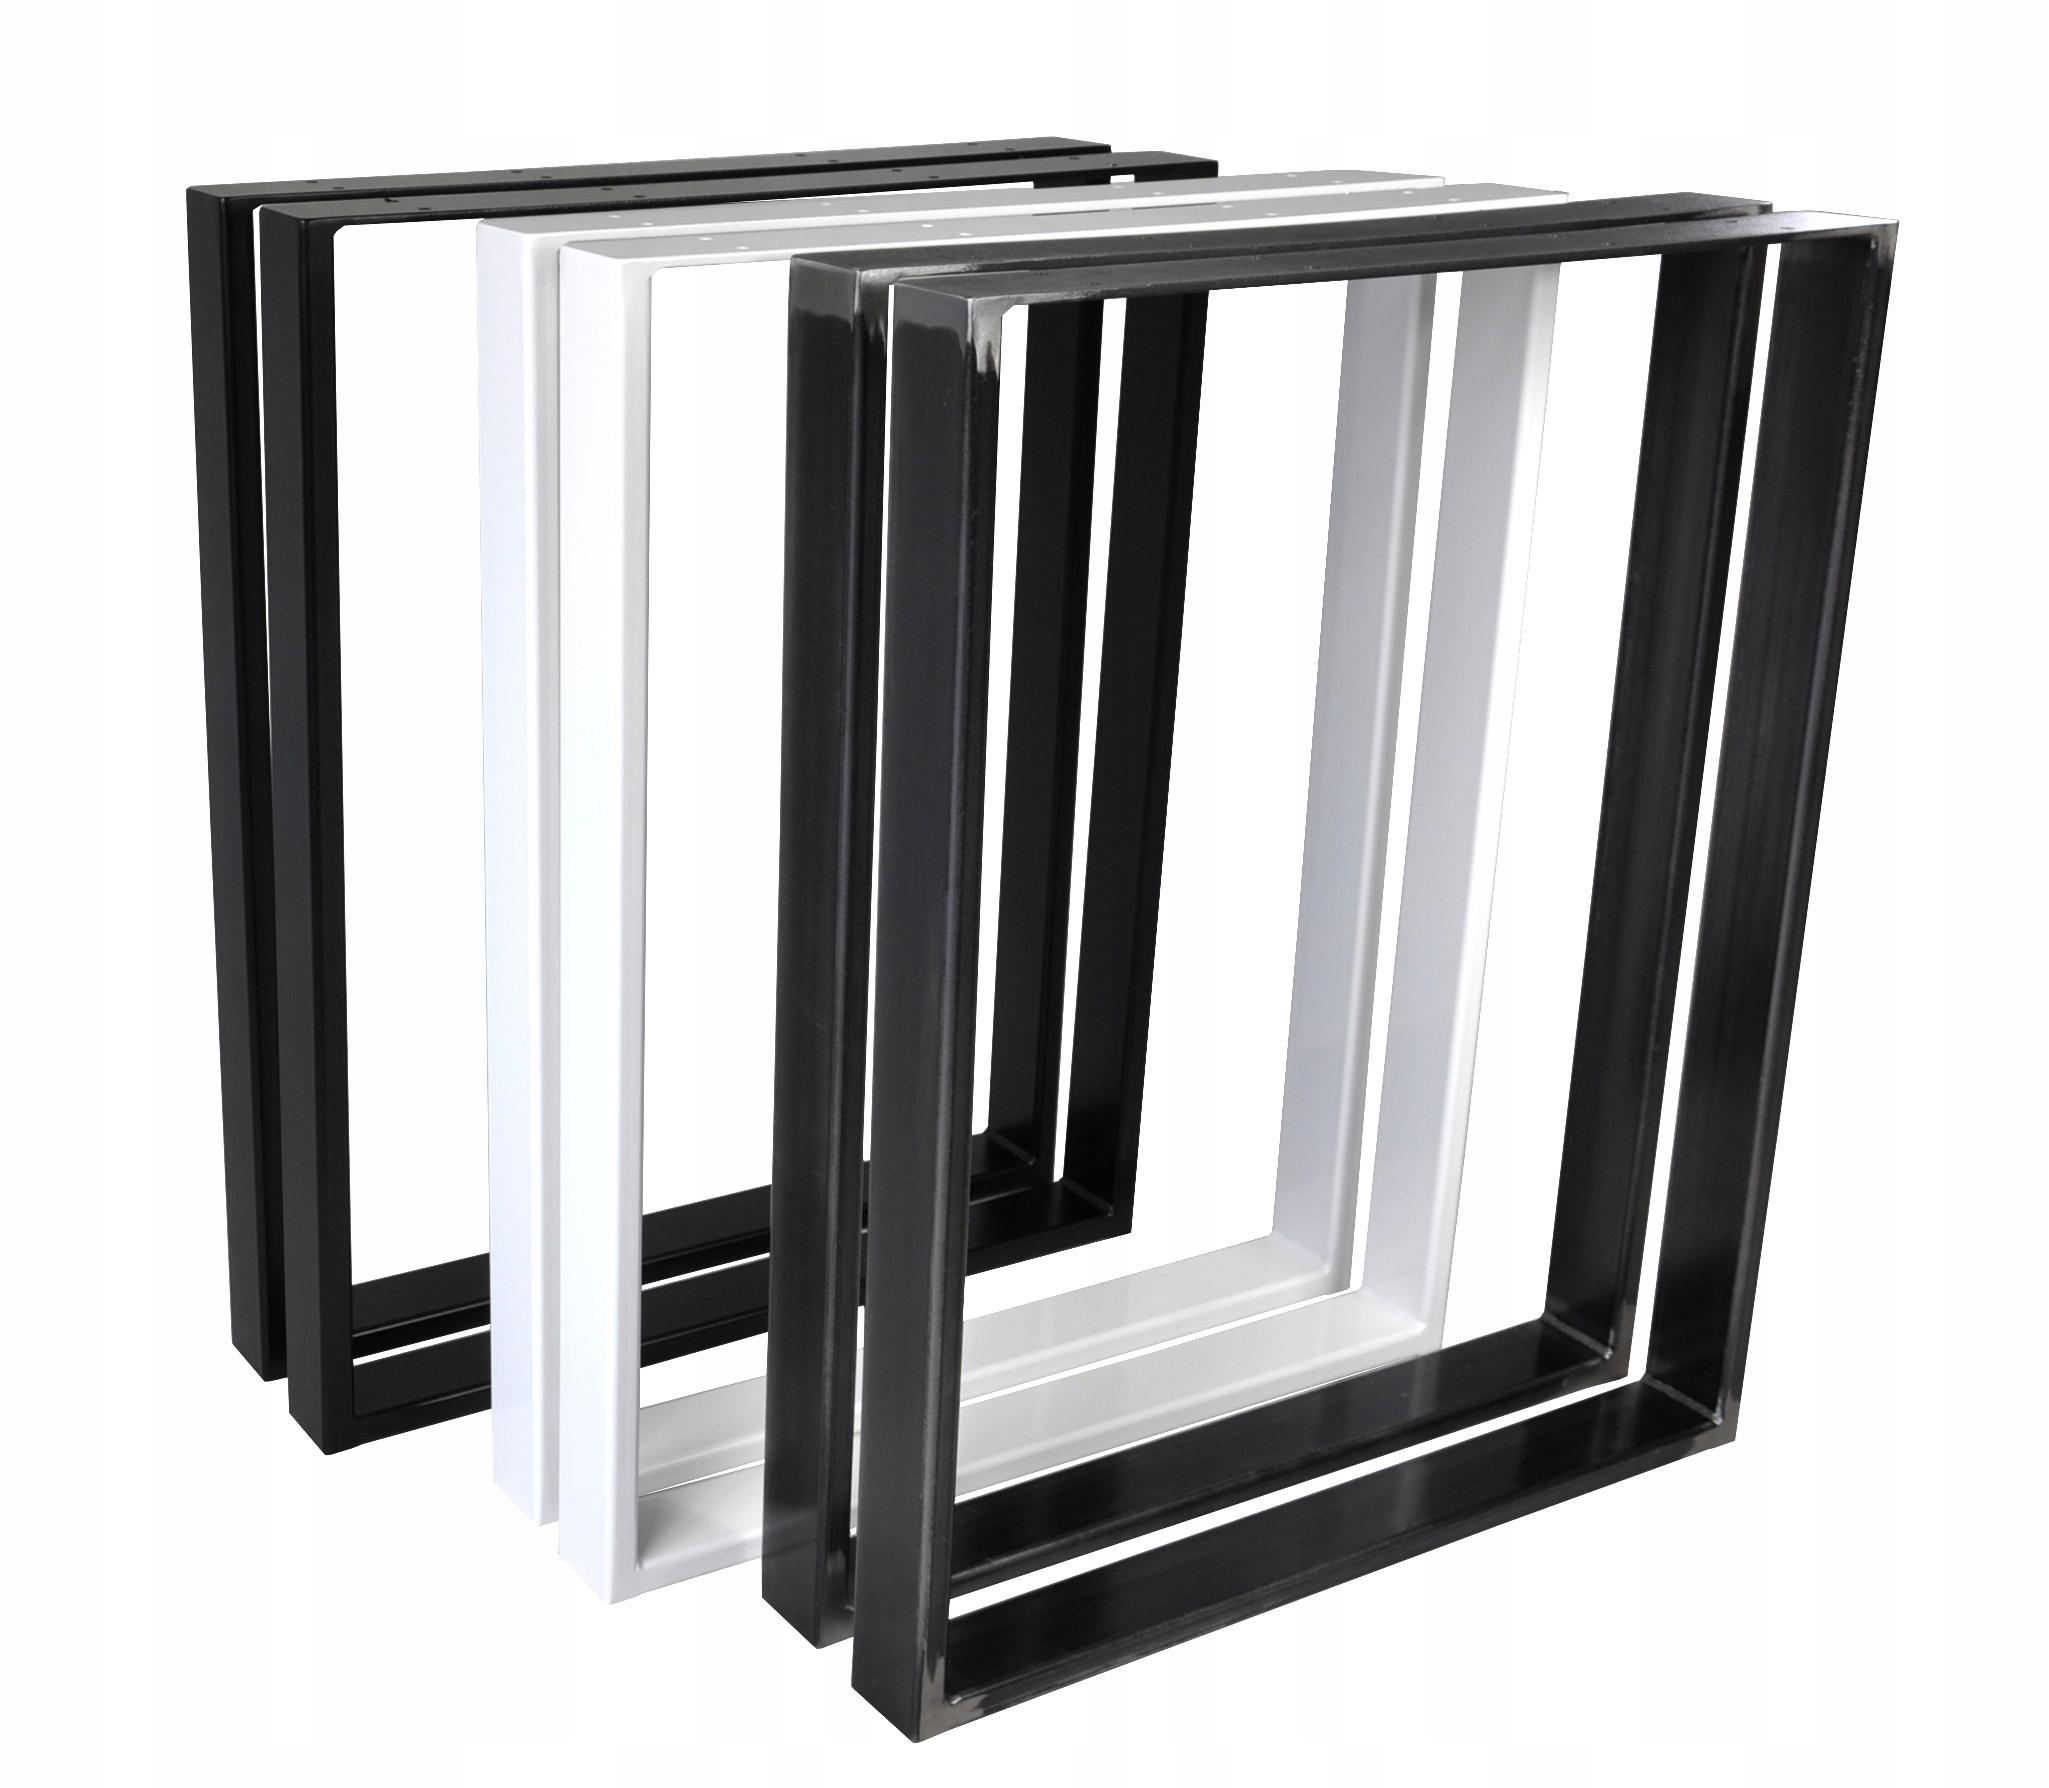 2 x kovové nohy stolov 70 x 72 cm, čierne 6 x 2 cm